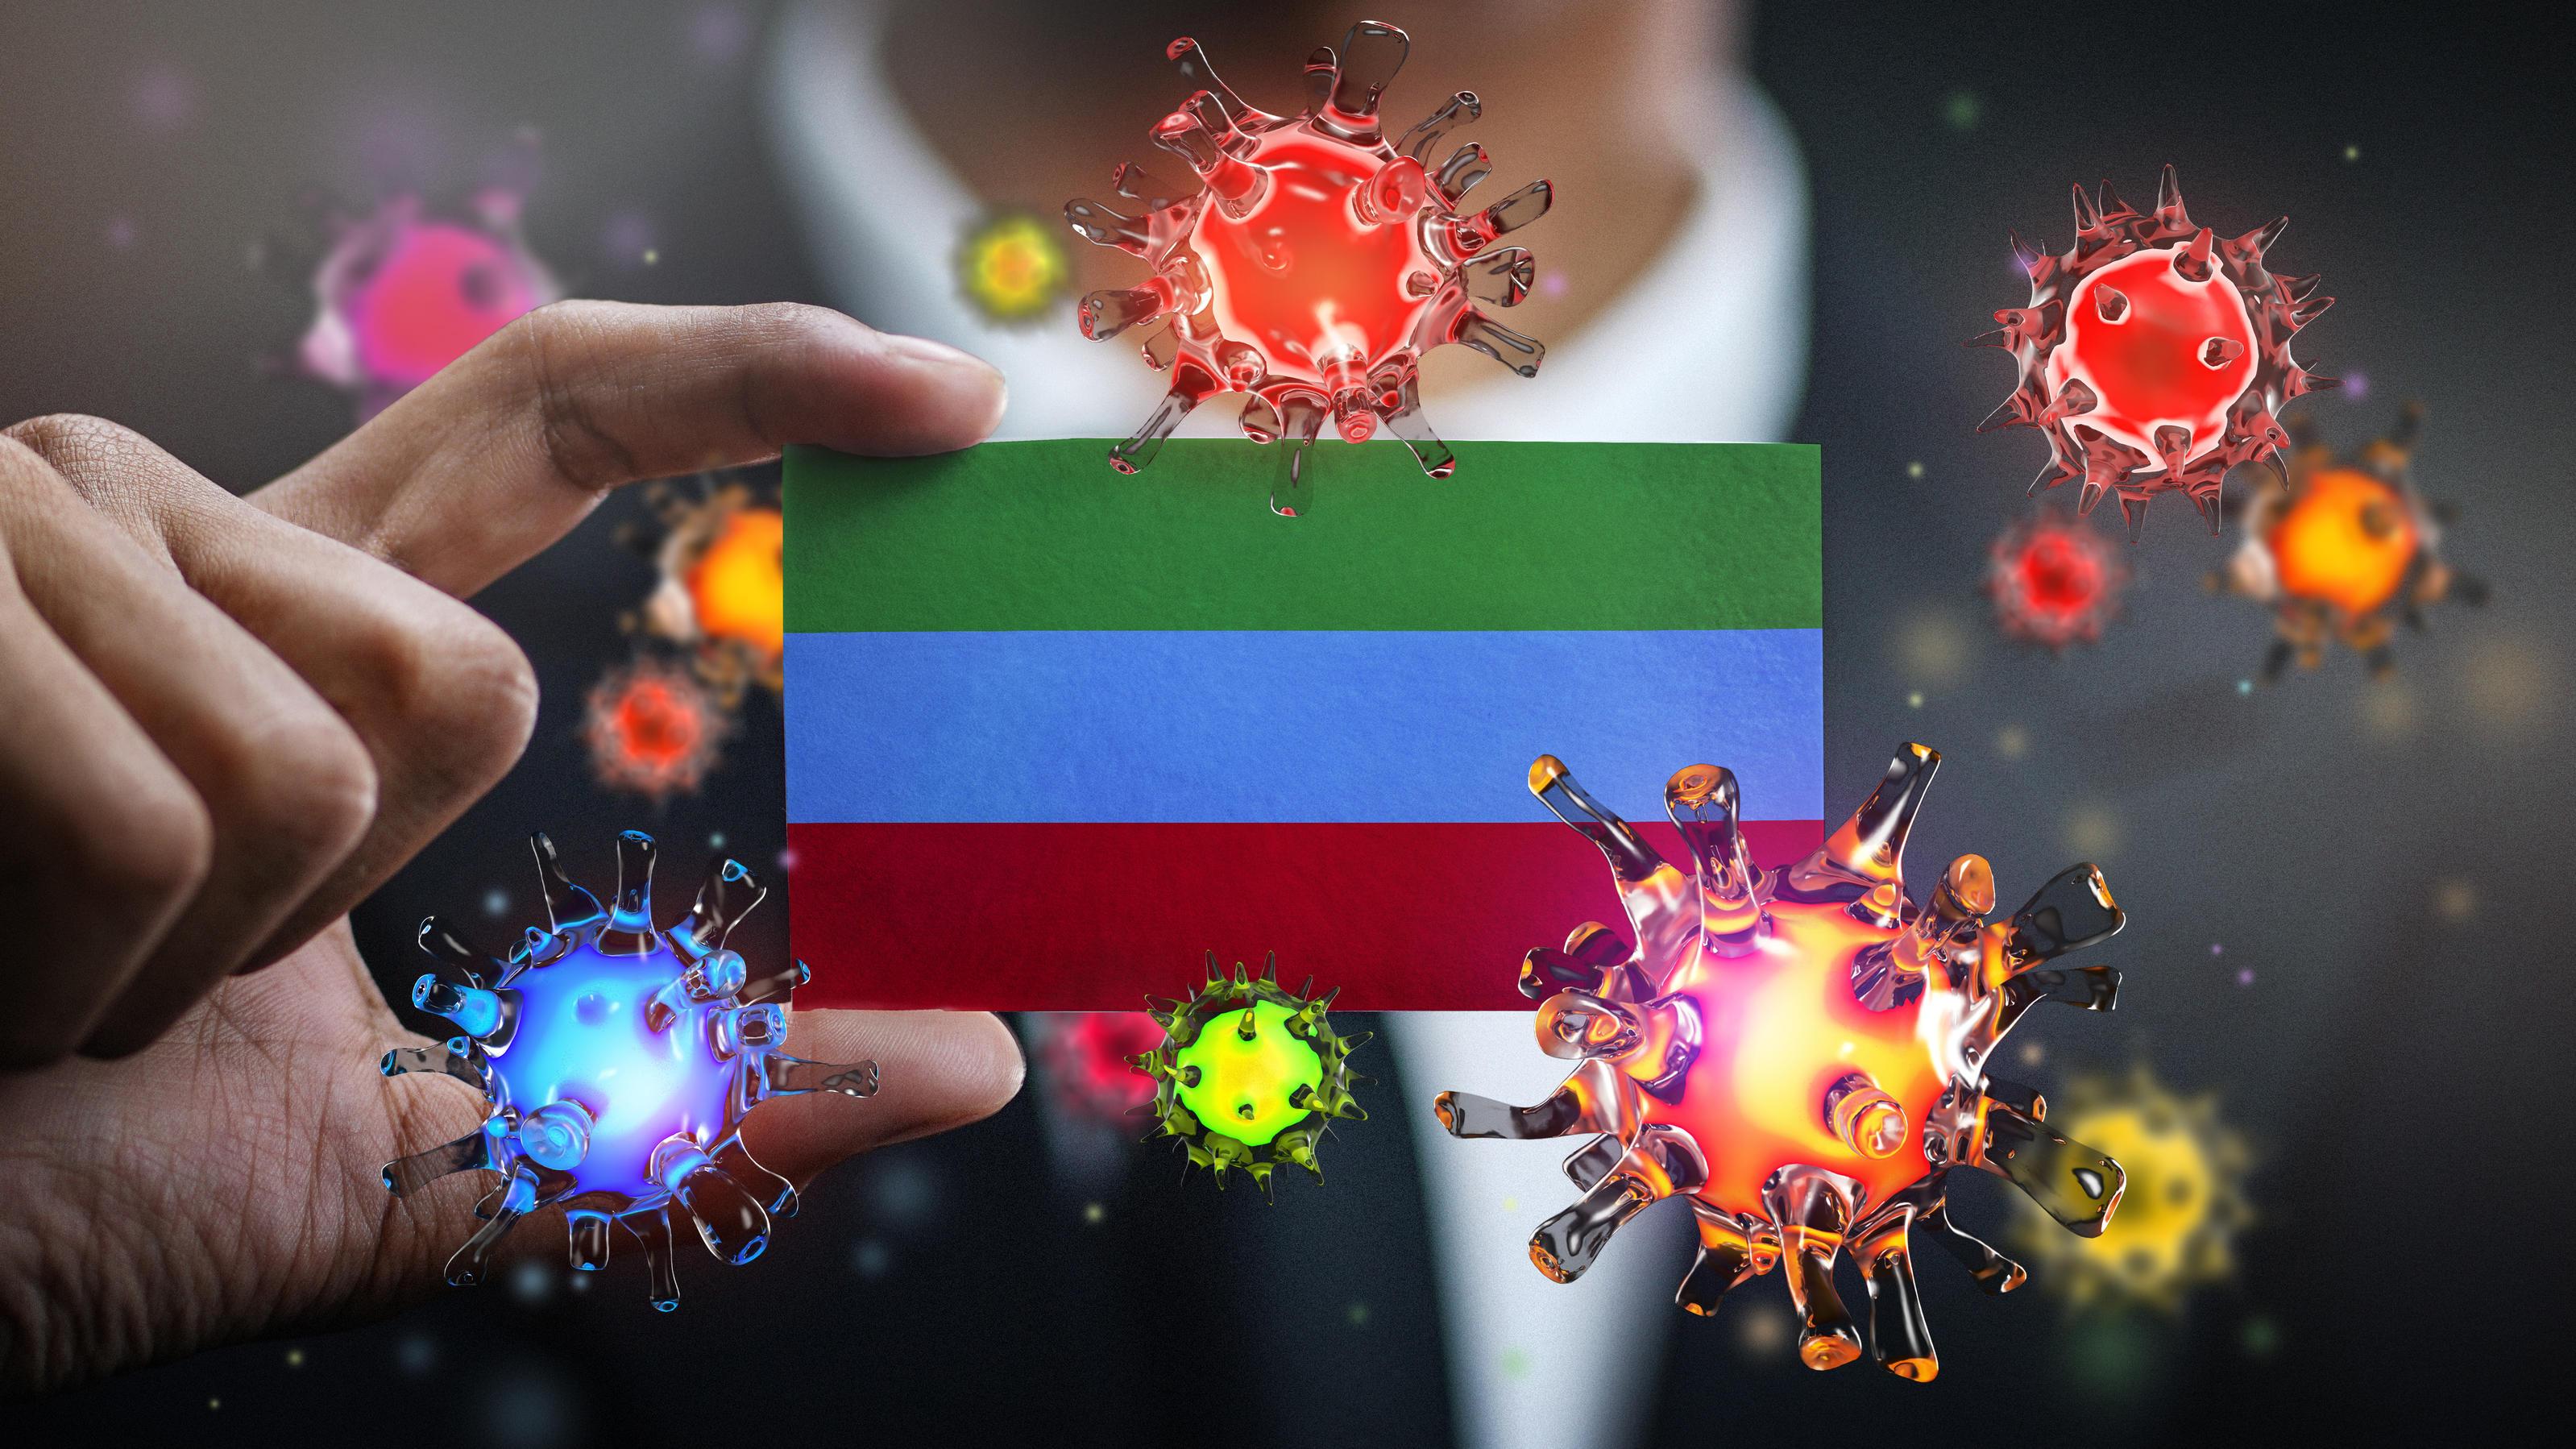 Corona-Tote in Russland: Katastrophale Zustände in der abgeriegelten Stadt Machatschkala